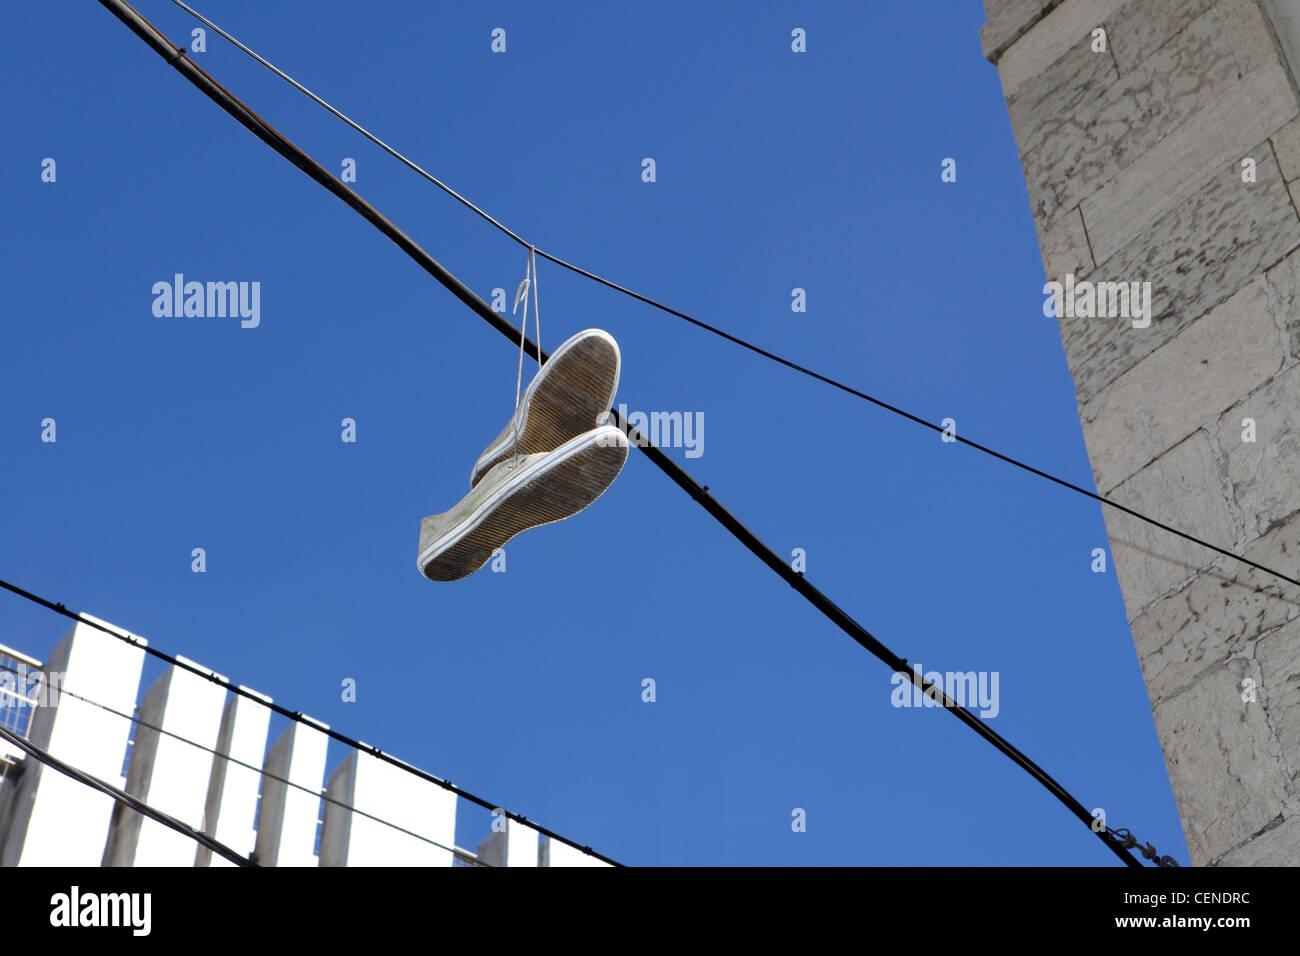 Shoefiti, cultura giovanile rito di passaggio, centro di Lisbona, Portogallo. Immagini Stock